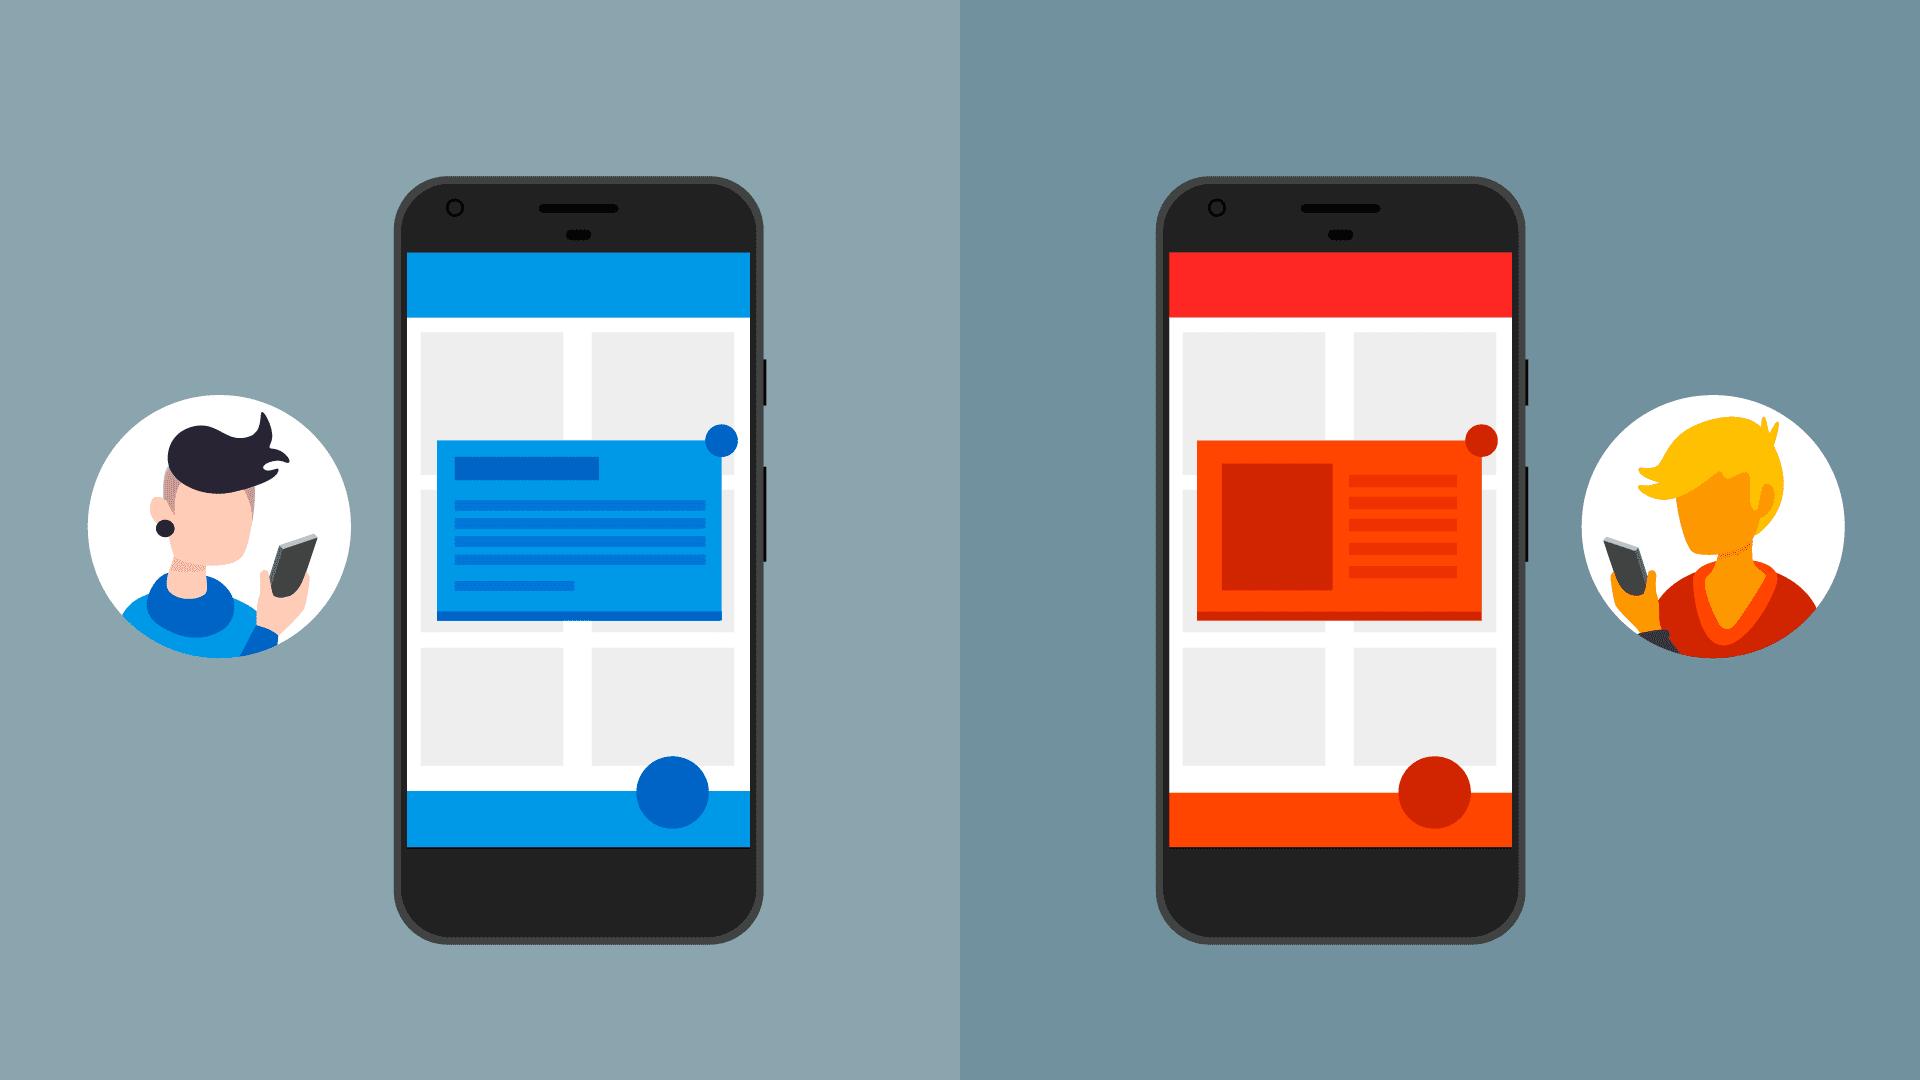 スタイルが異なる 2 つのアプリ内メッセージ